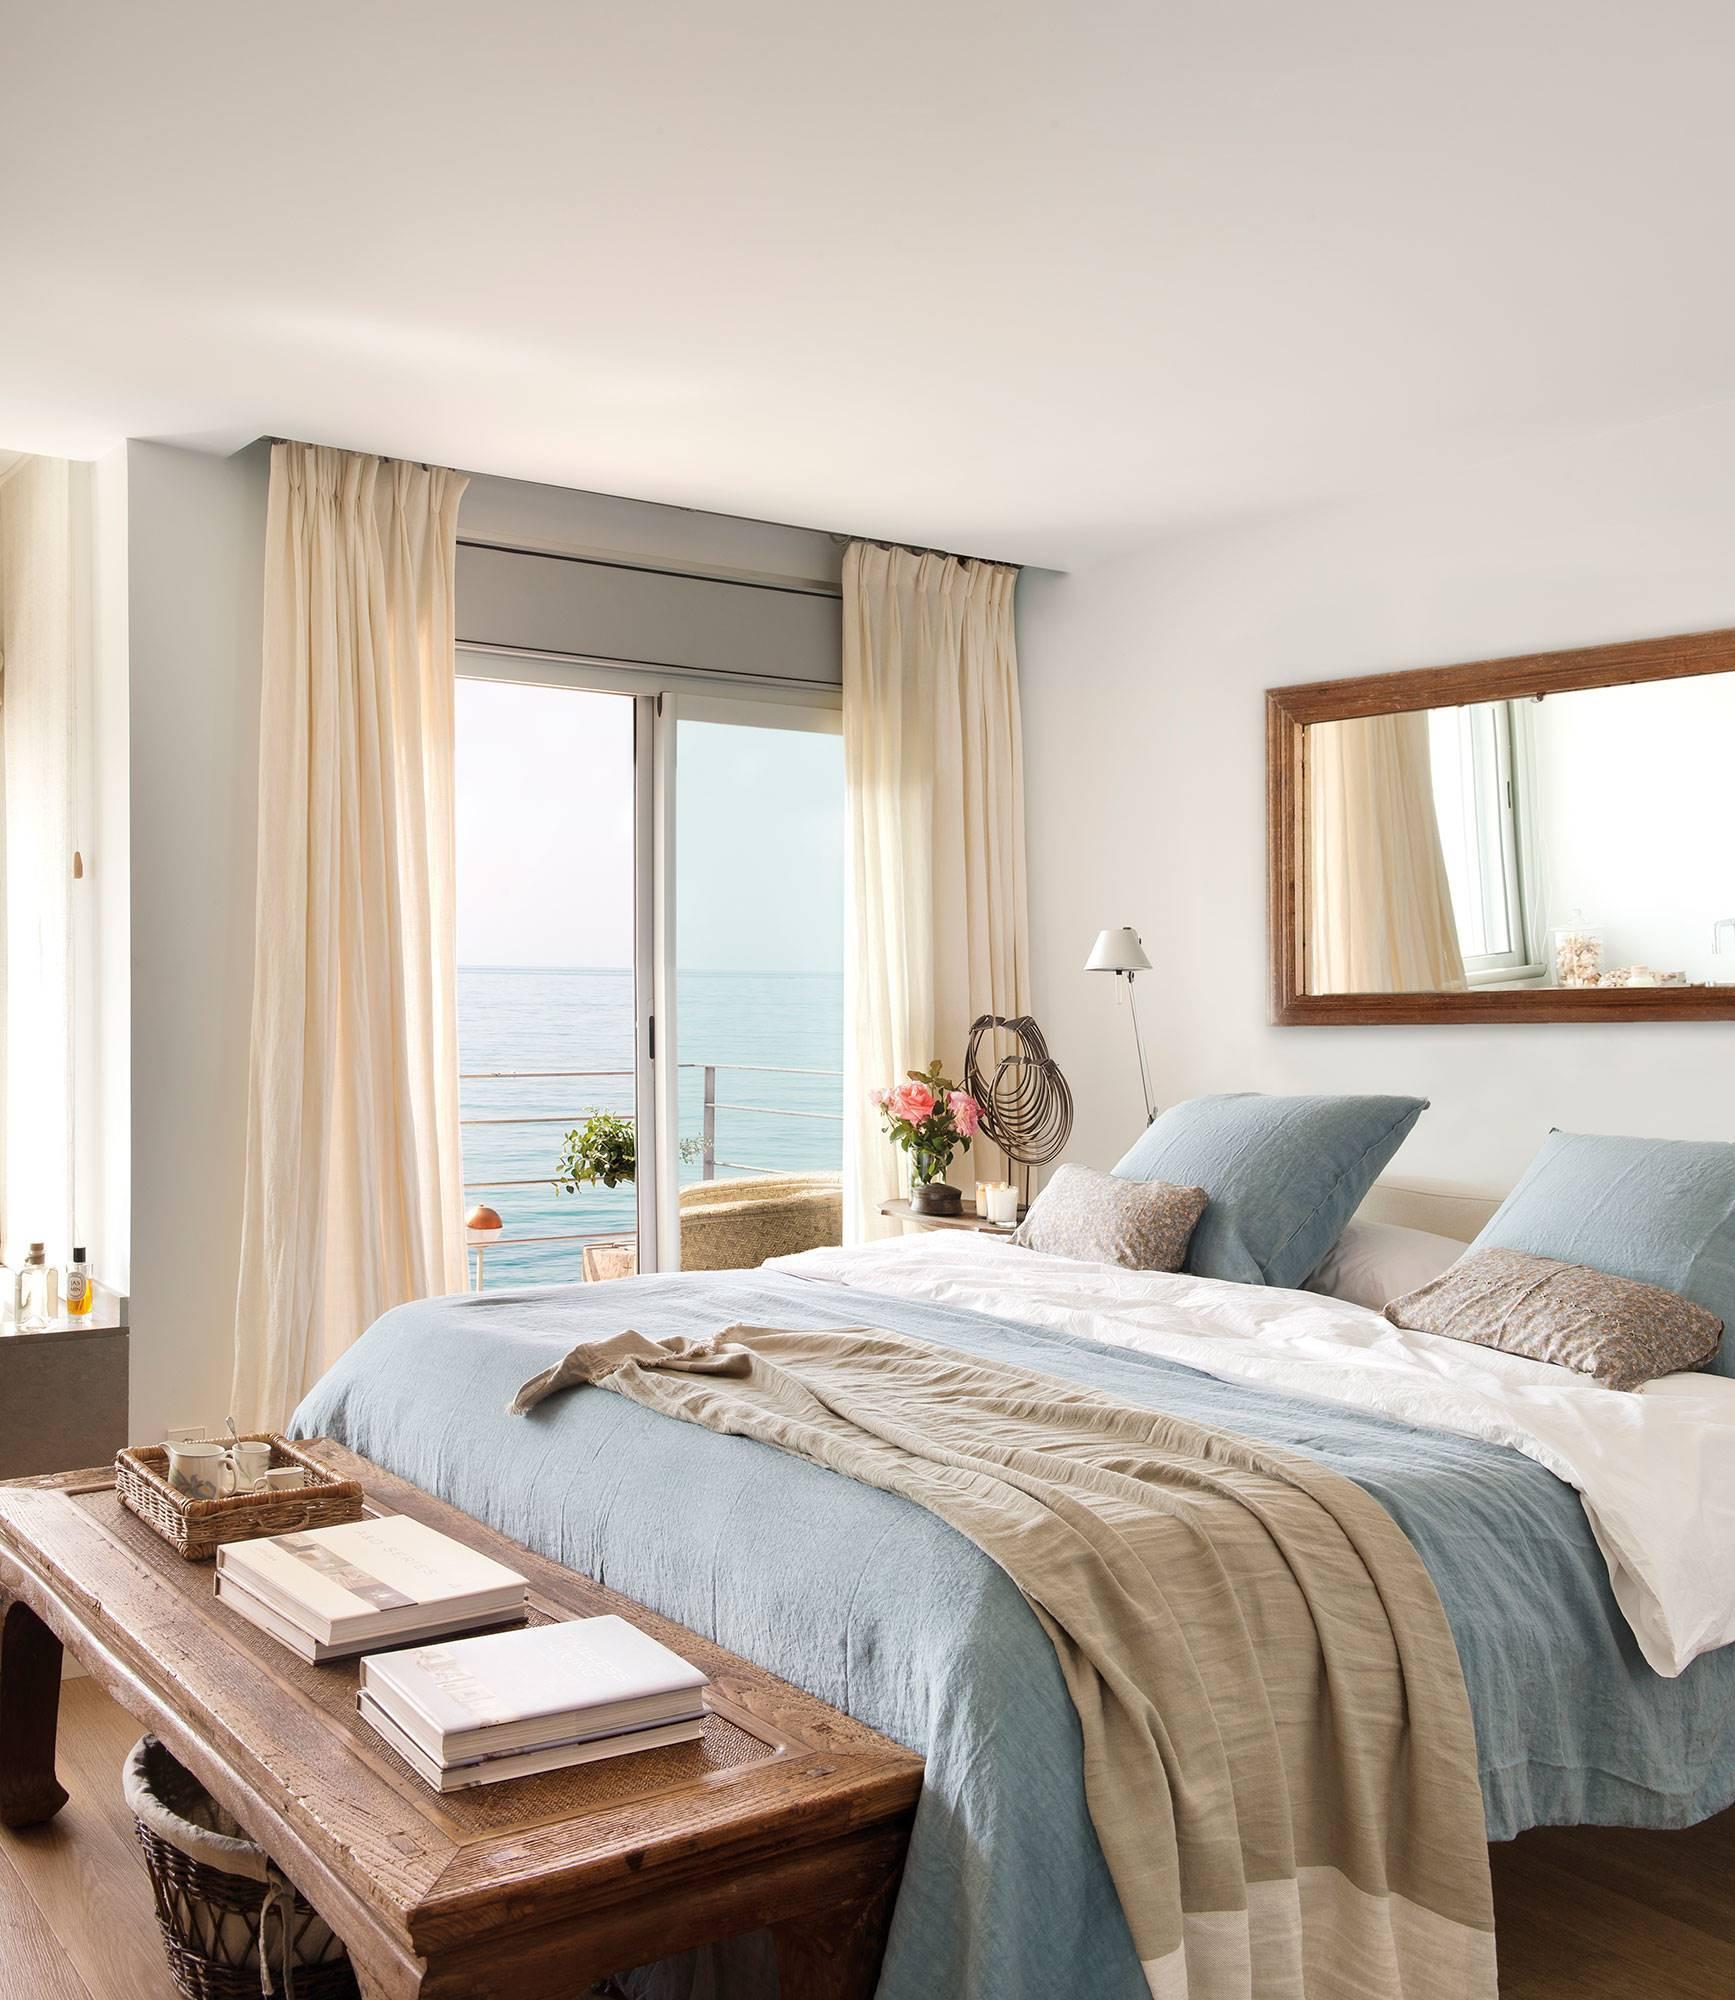 dormitorio-con-vistas-al-mar-6b7fbaa6-d3f27173 04434652 1735x2000. Romanticismo nostálgico